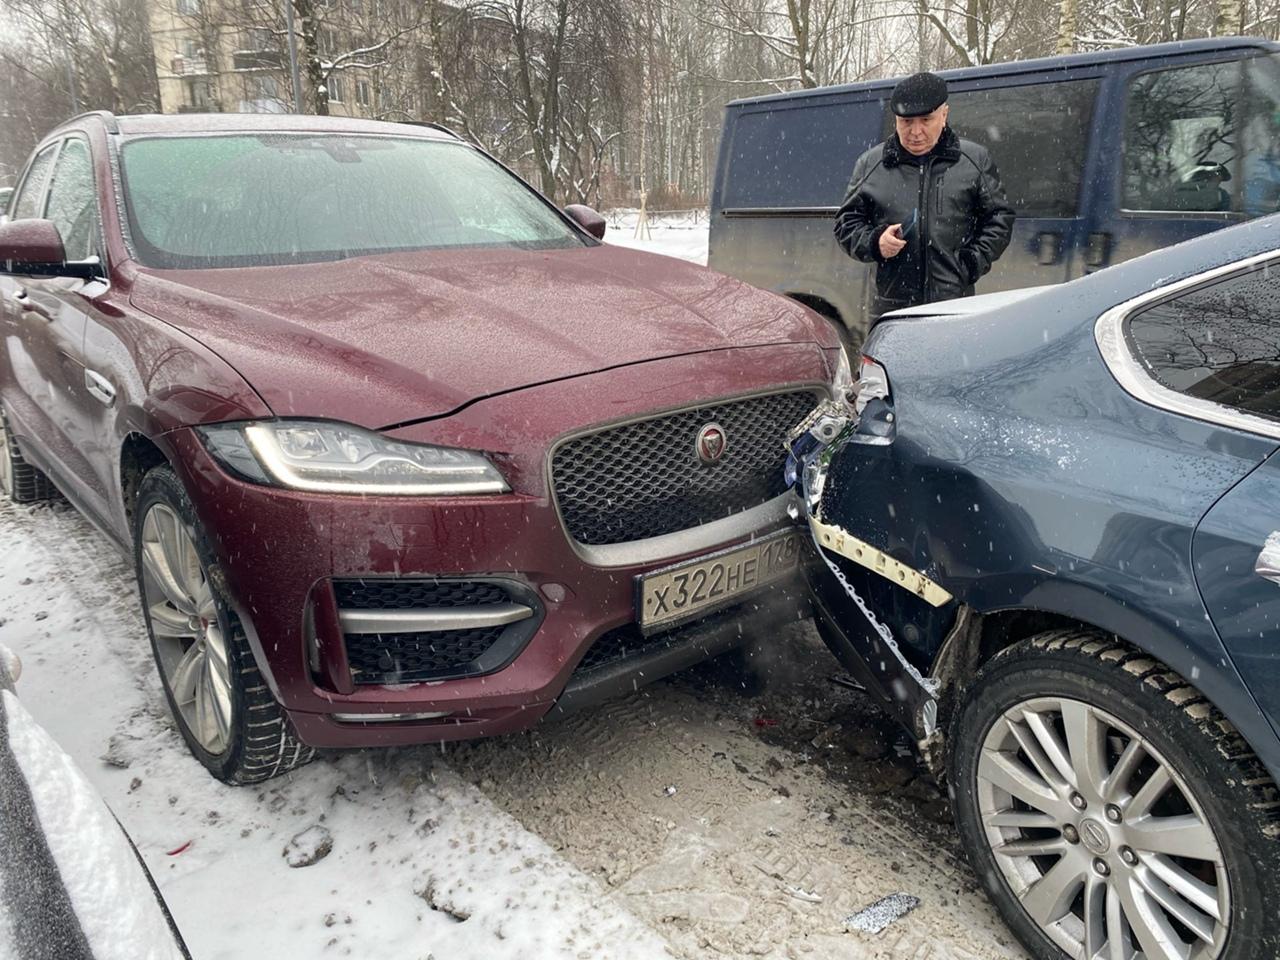 Авария на Бестужевской61 в 11 часов. Кто мимо проехал и у кого видеорегистратор был, дайте знать! Я...